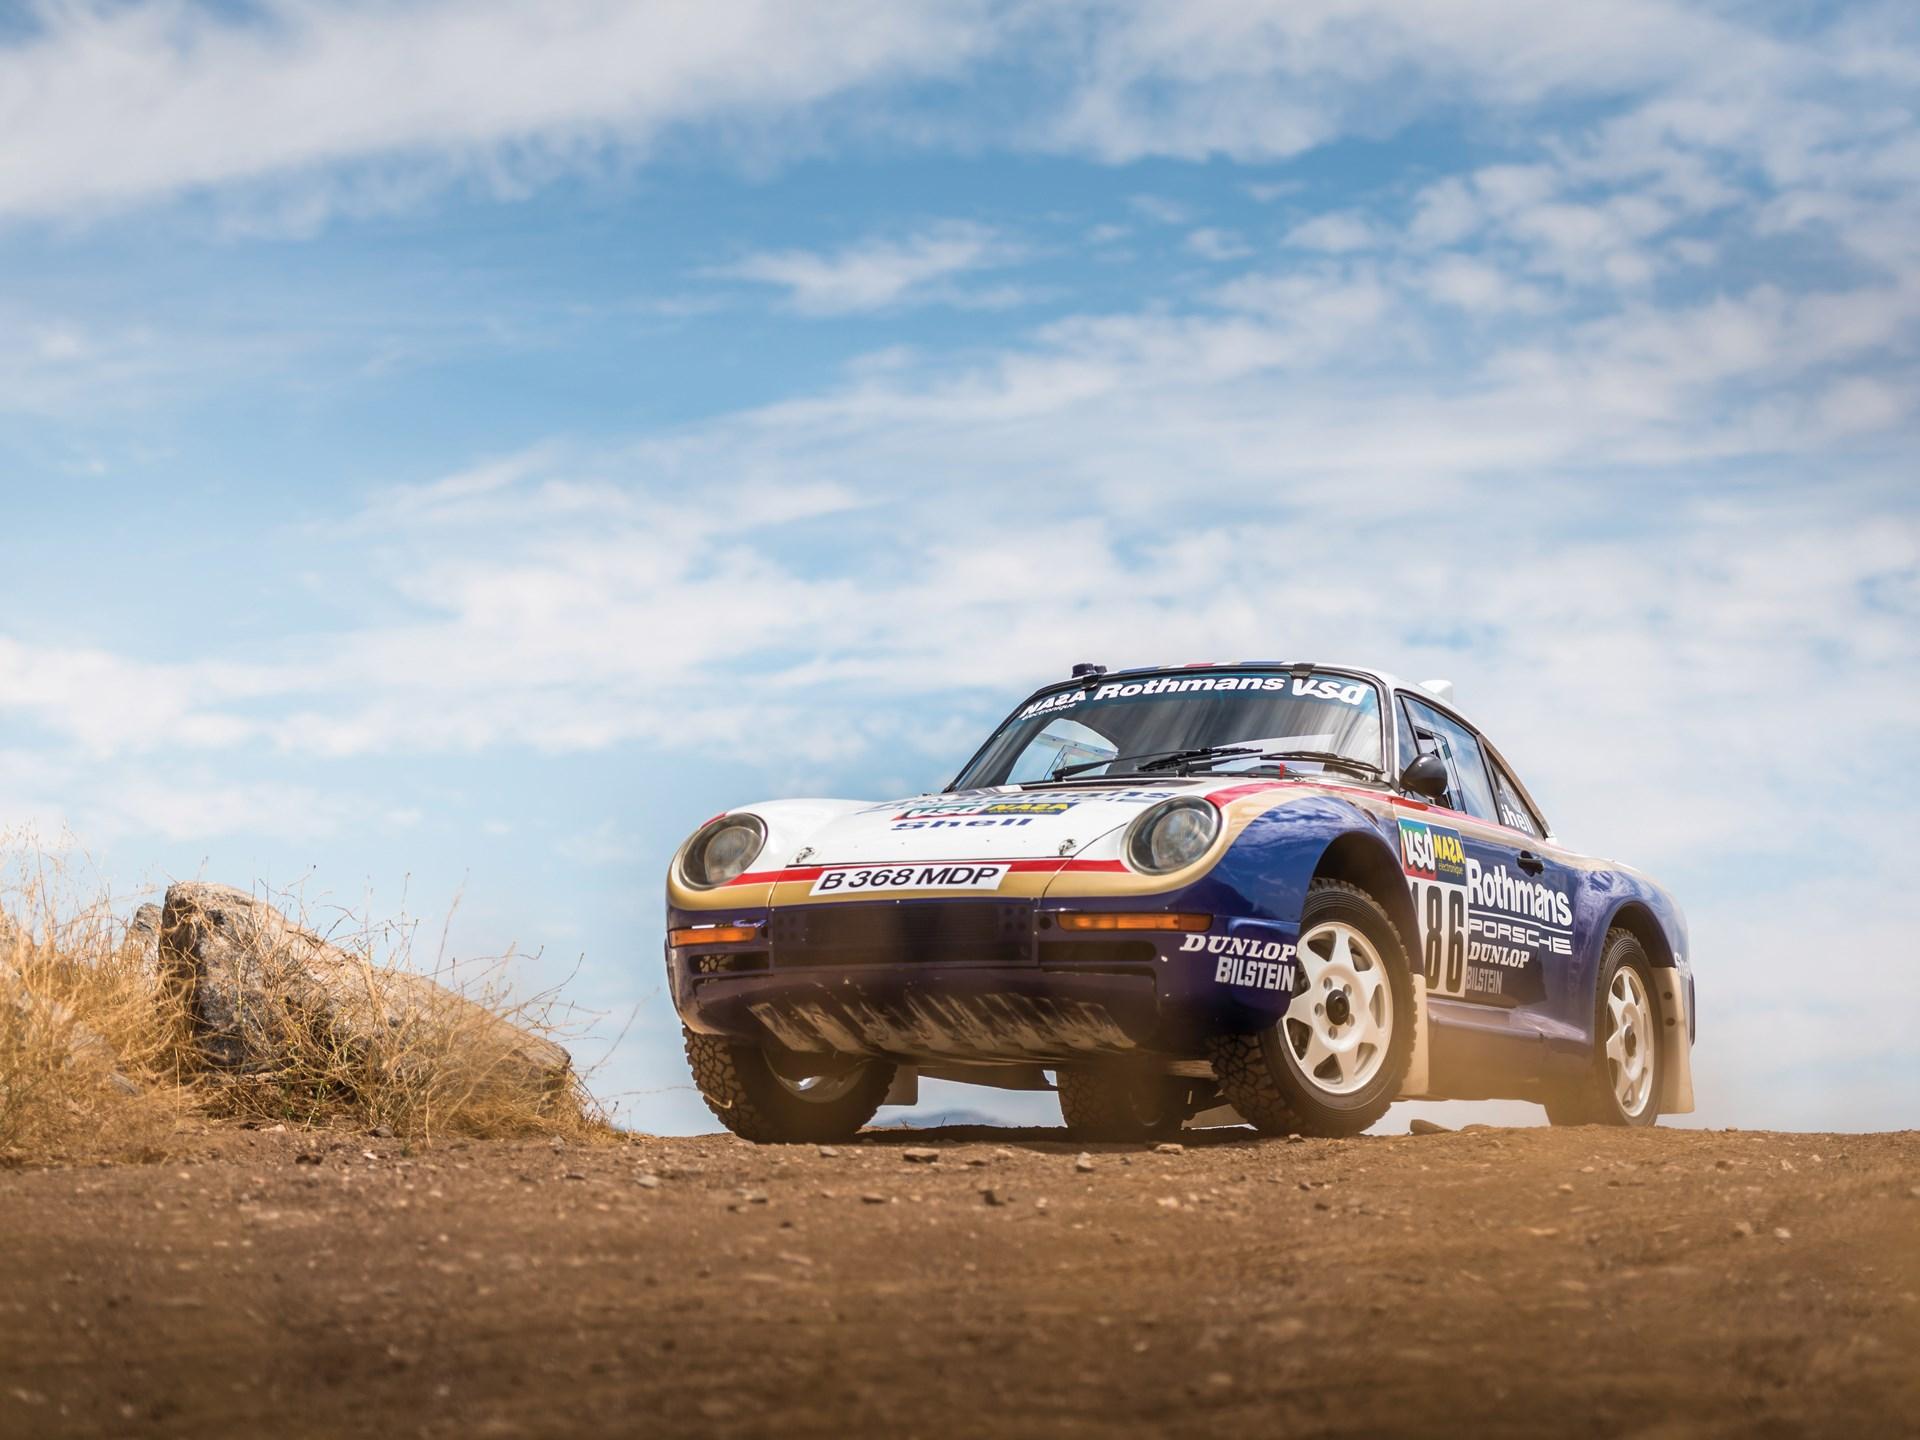 1985 Porsche 959 Paris-Dakar low 3/4 hill